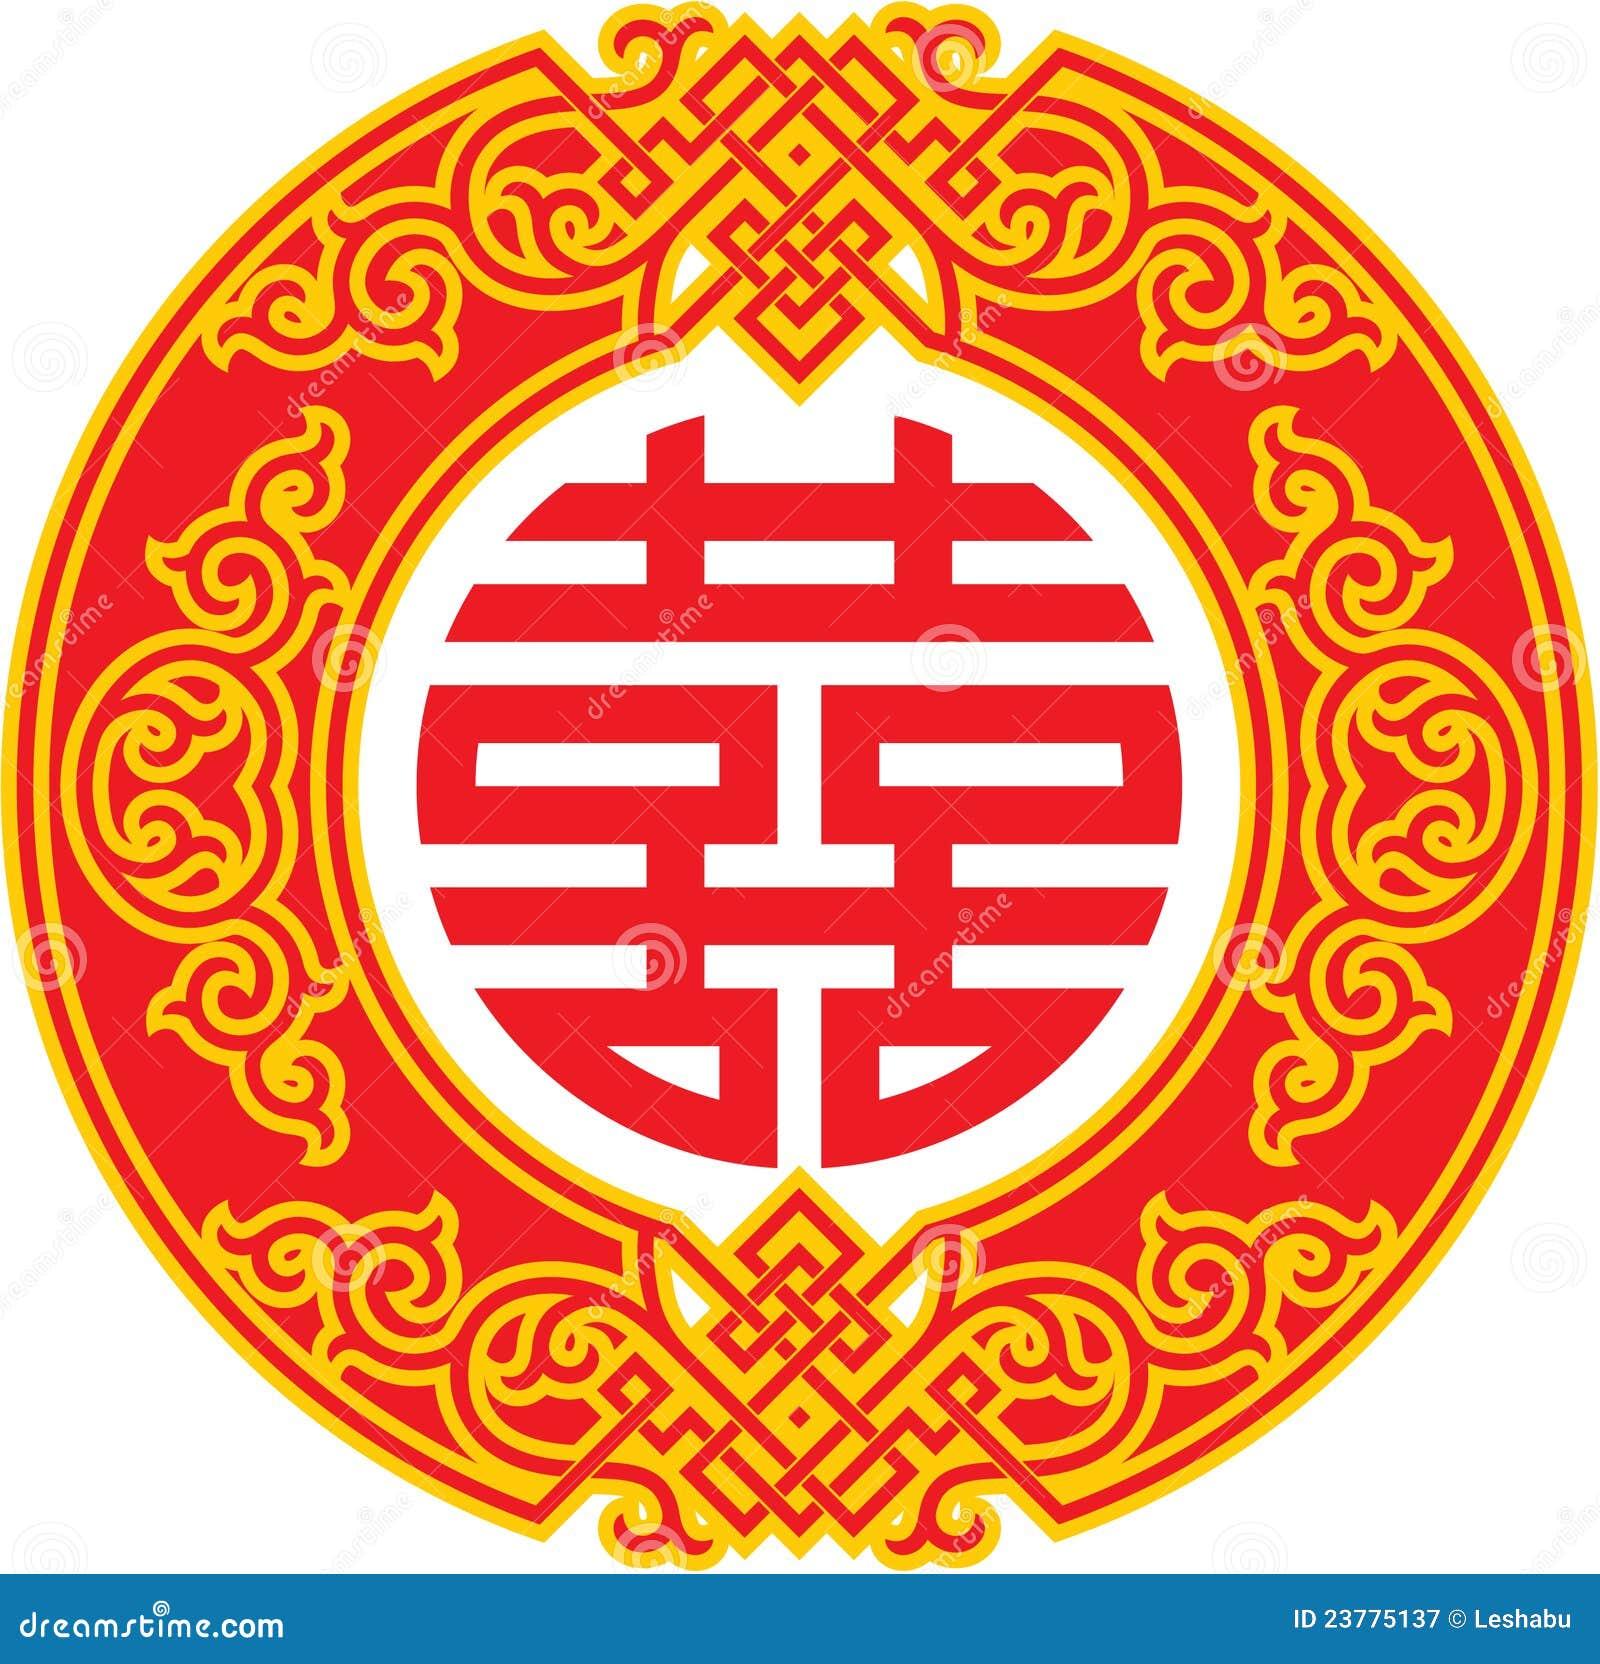 Top Double Symbole De Bonheur - Ornement Chinois Photographie stock  NN92